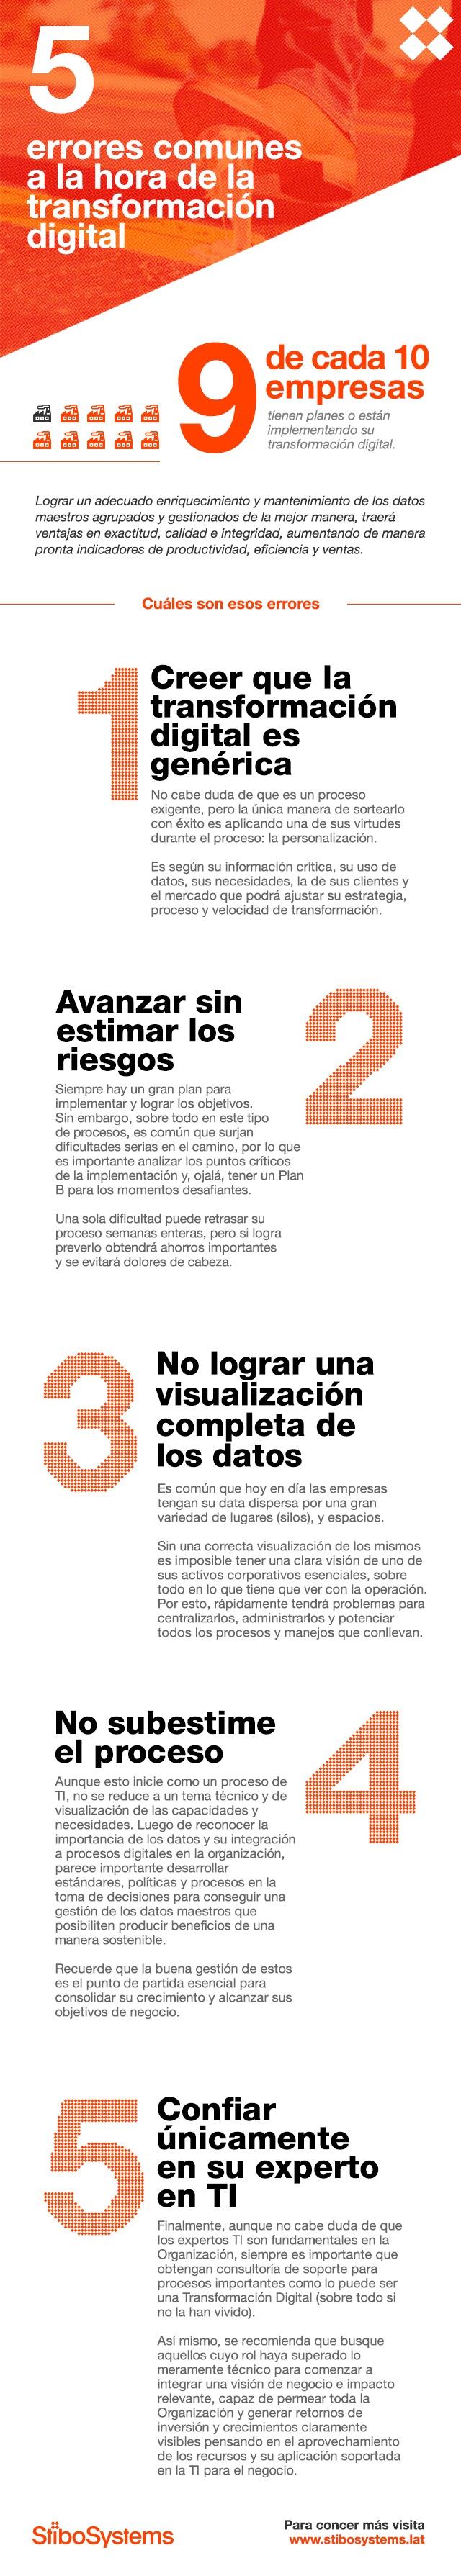 Stibo_Infografia_5Errores.jpg